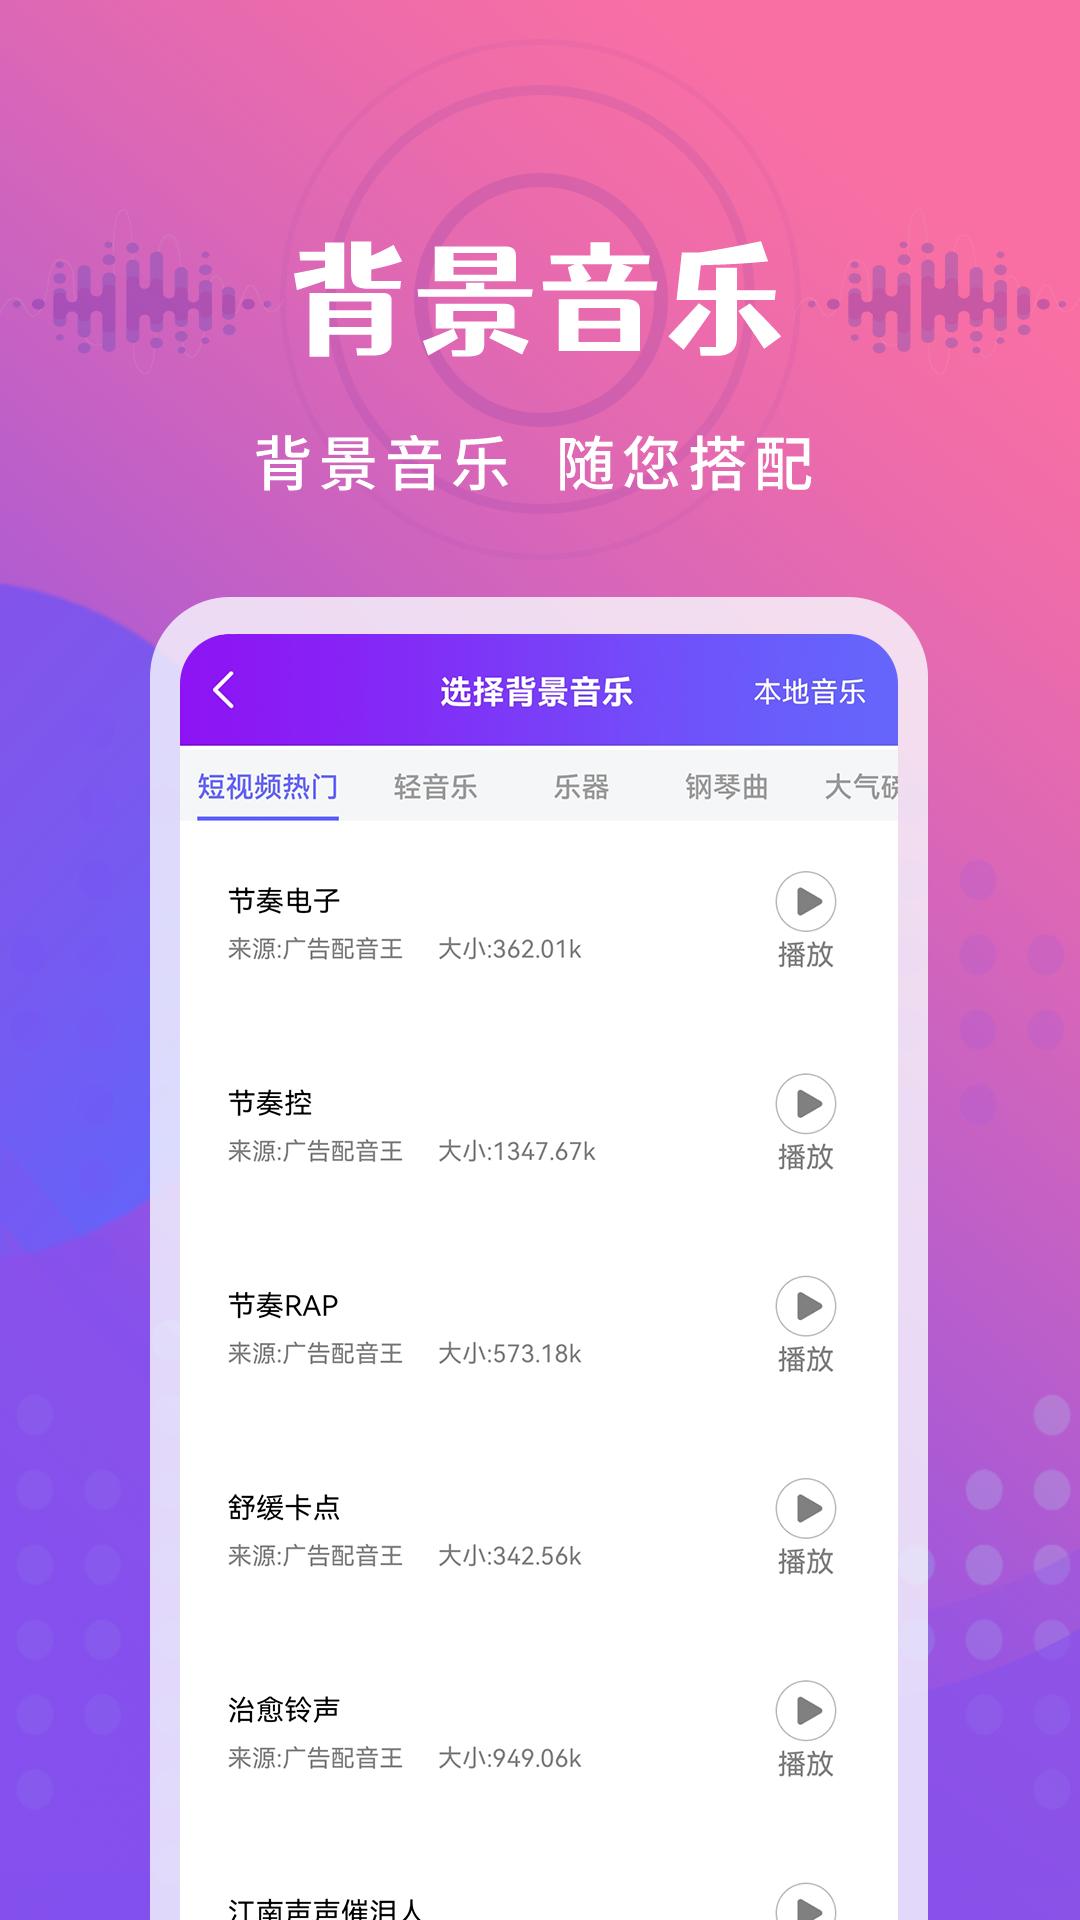 广告配音王 V2.0.3 安卓版截图4